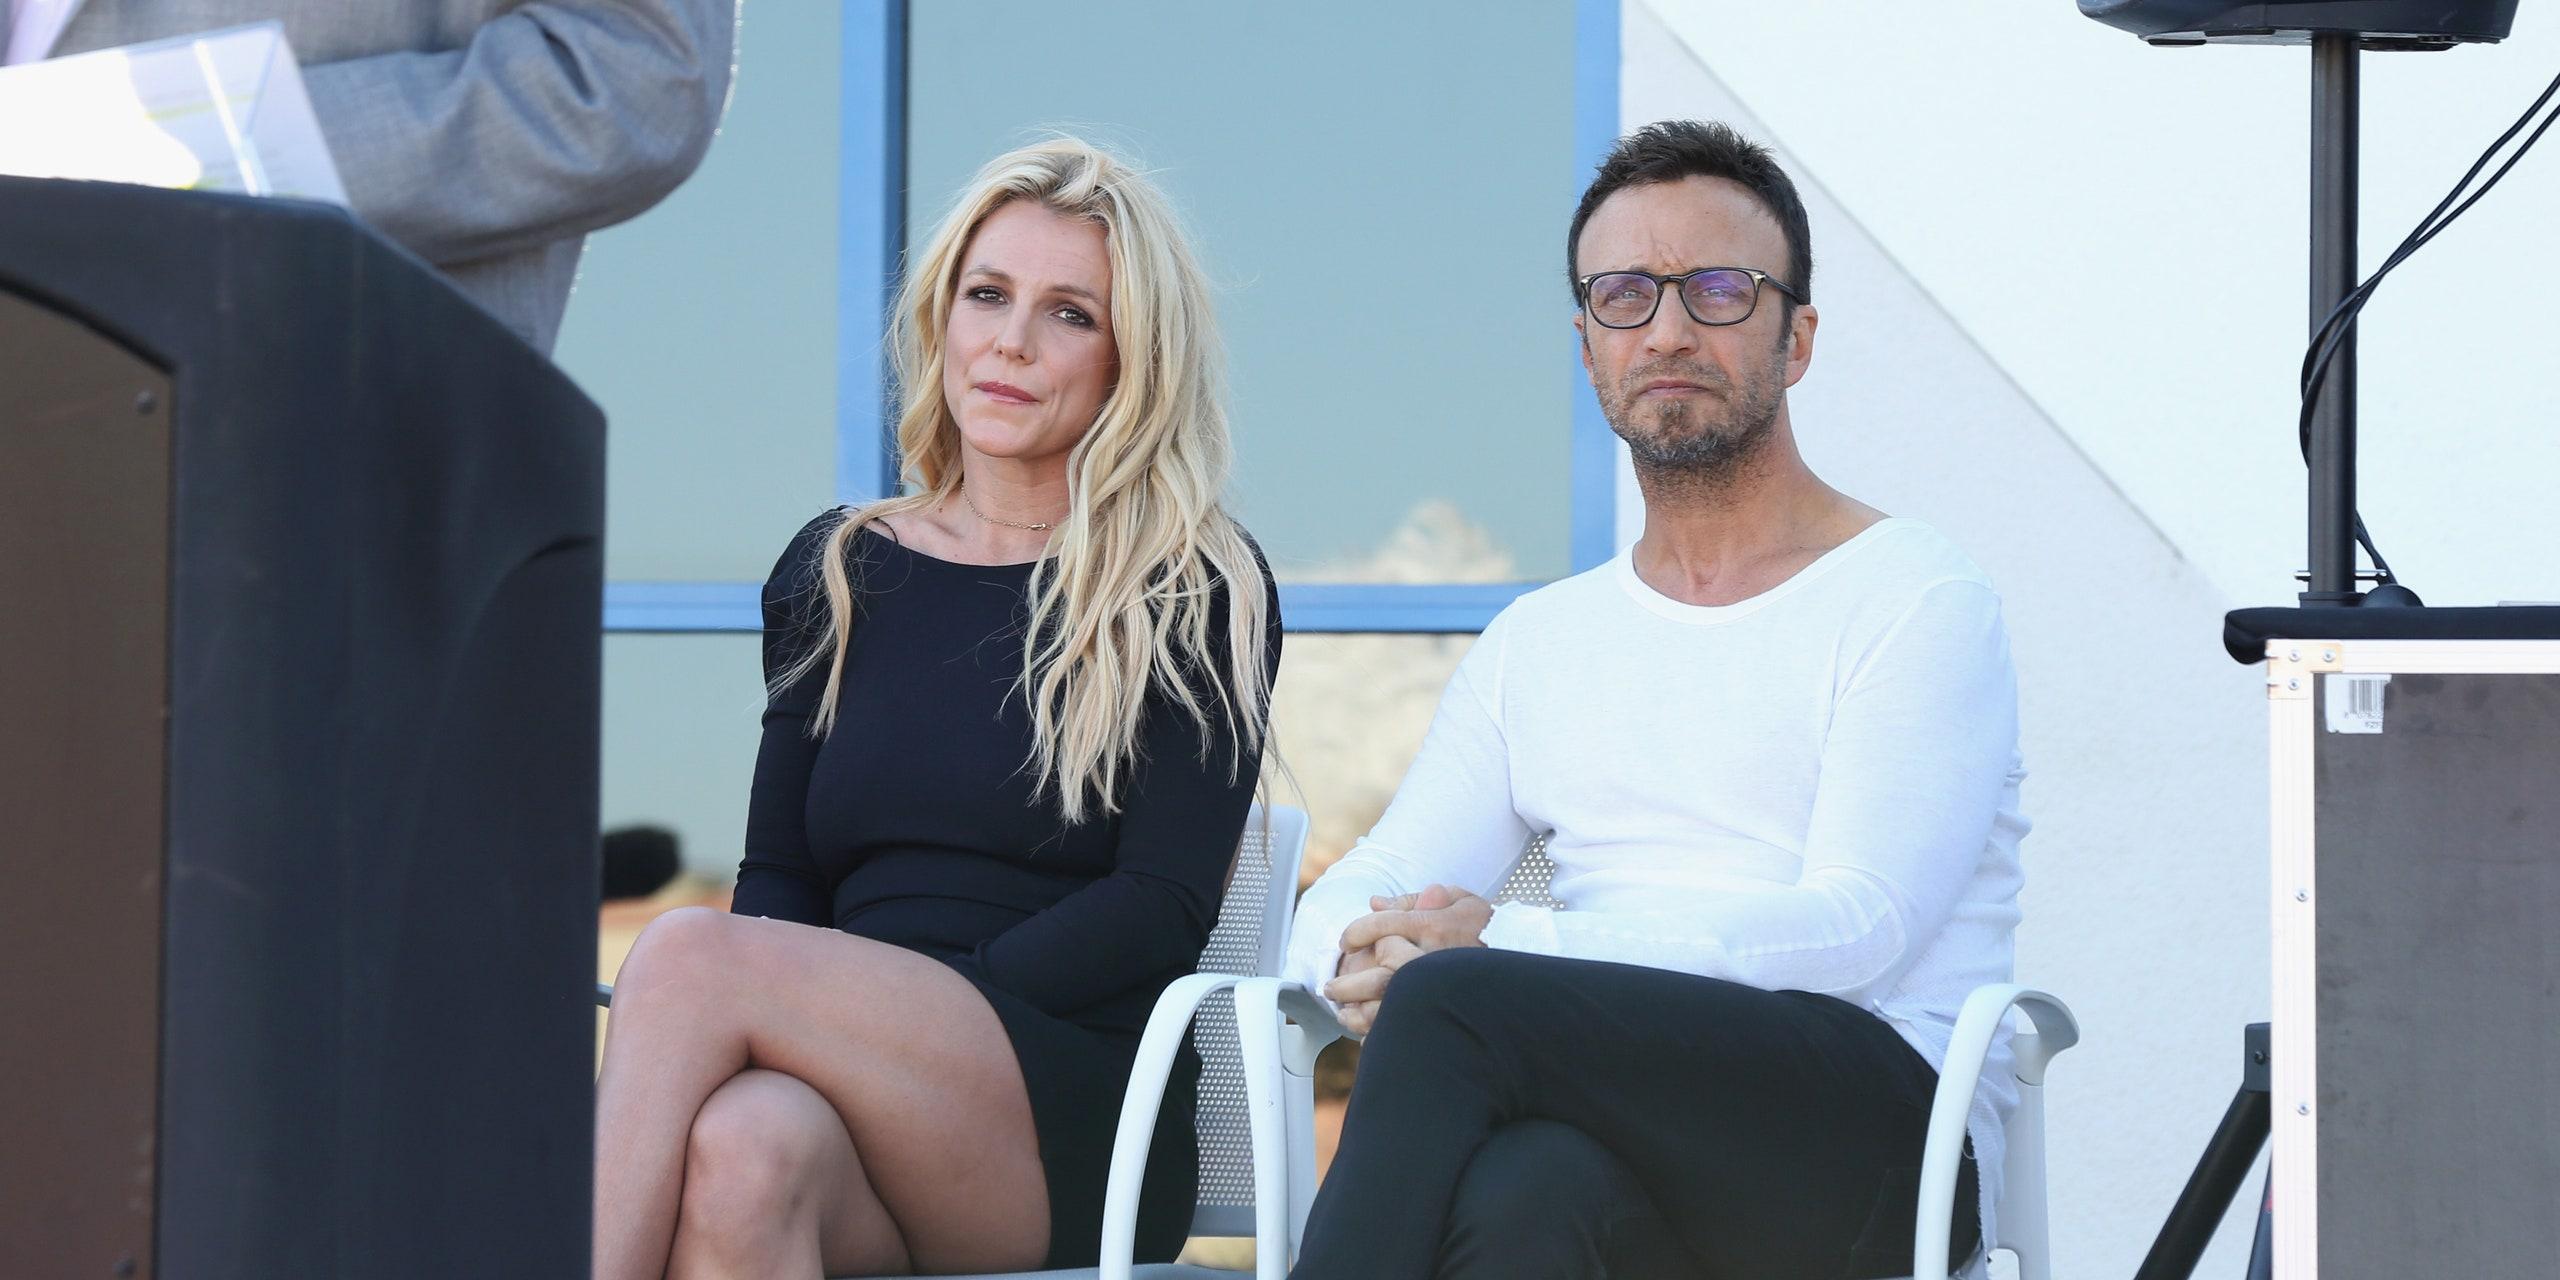 Менеджер Бритни Спирс ушел в отставку, презентация нового альбома ONUKA и другие новости мира музыки